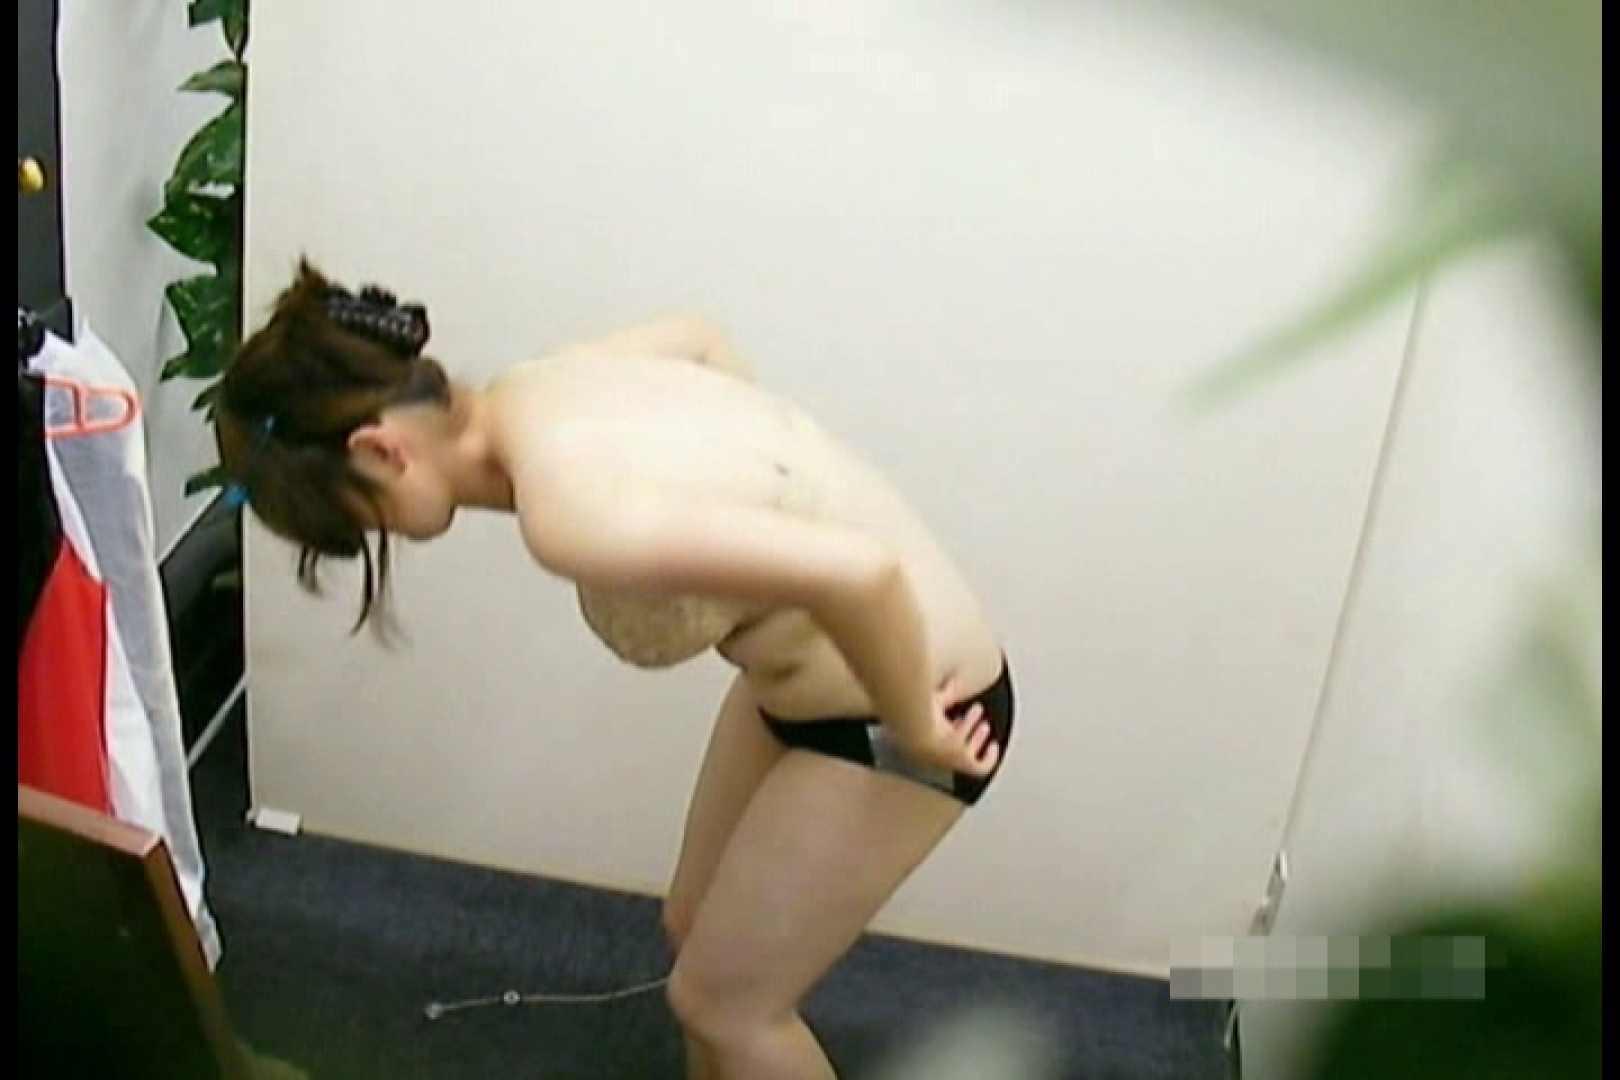 素人撮影 下着だけの撮影のはずが・・・えりか18歳 隠撮 | ギャルの乳首  76画像 66